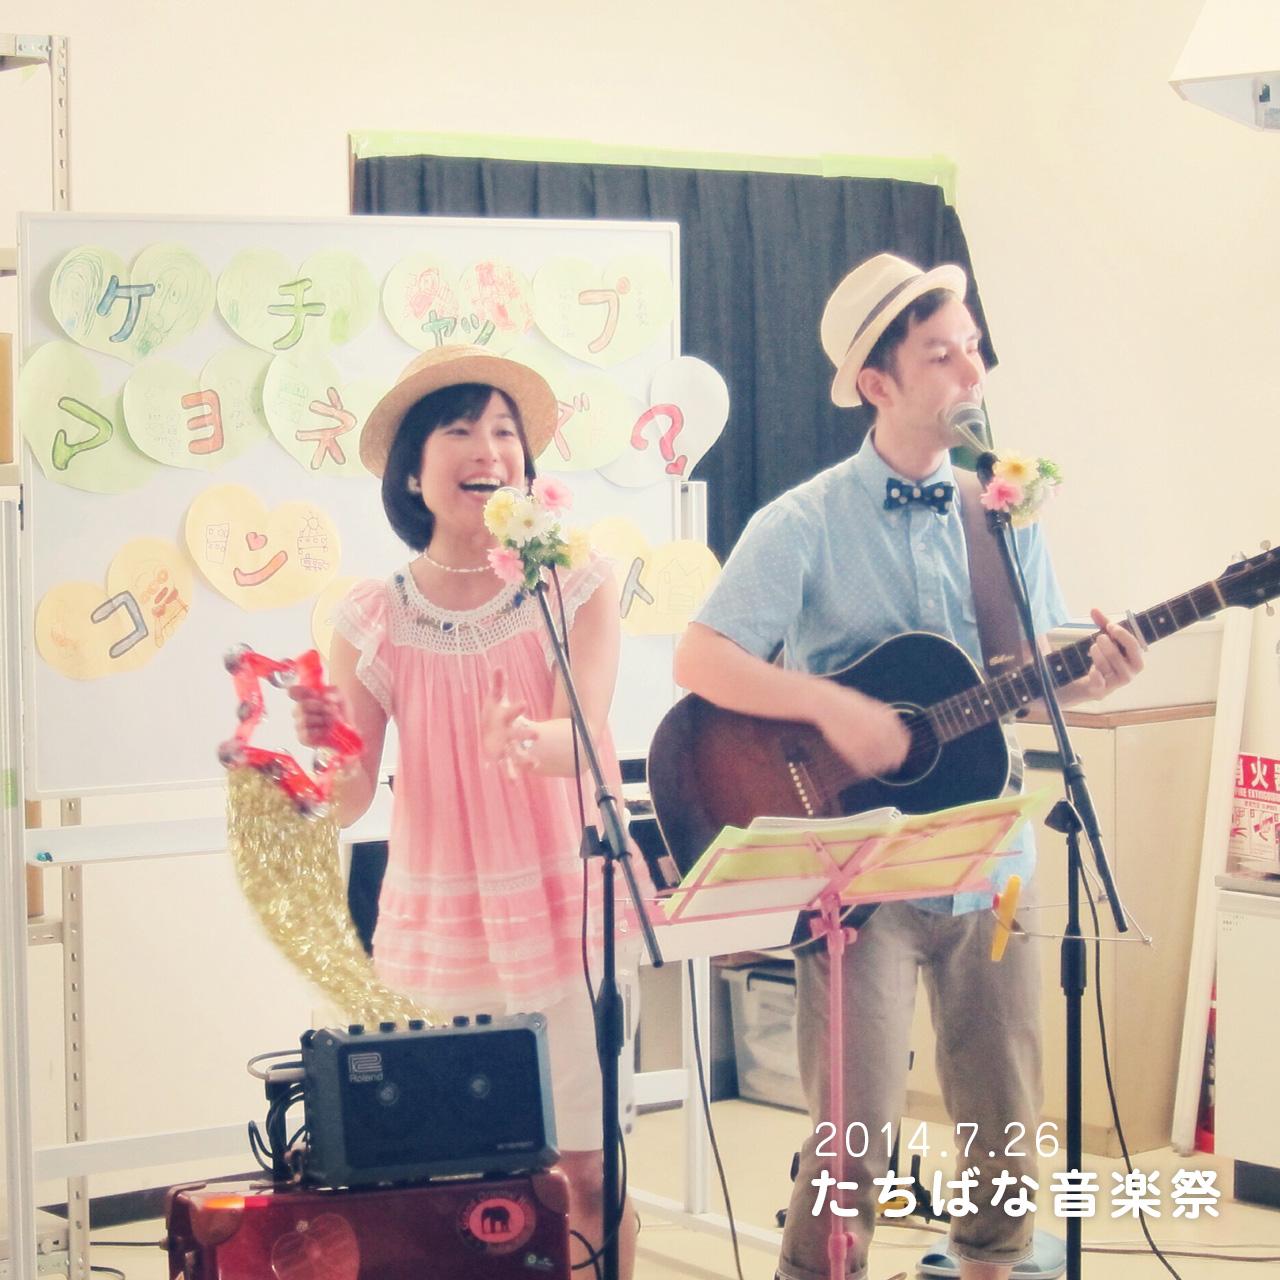 アットホームな「たちばな音楽祭」に出演!